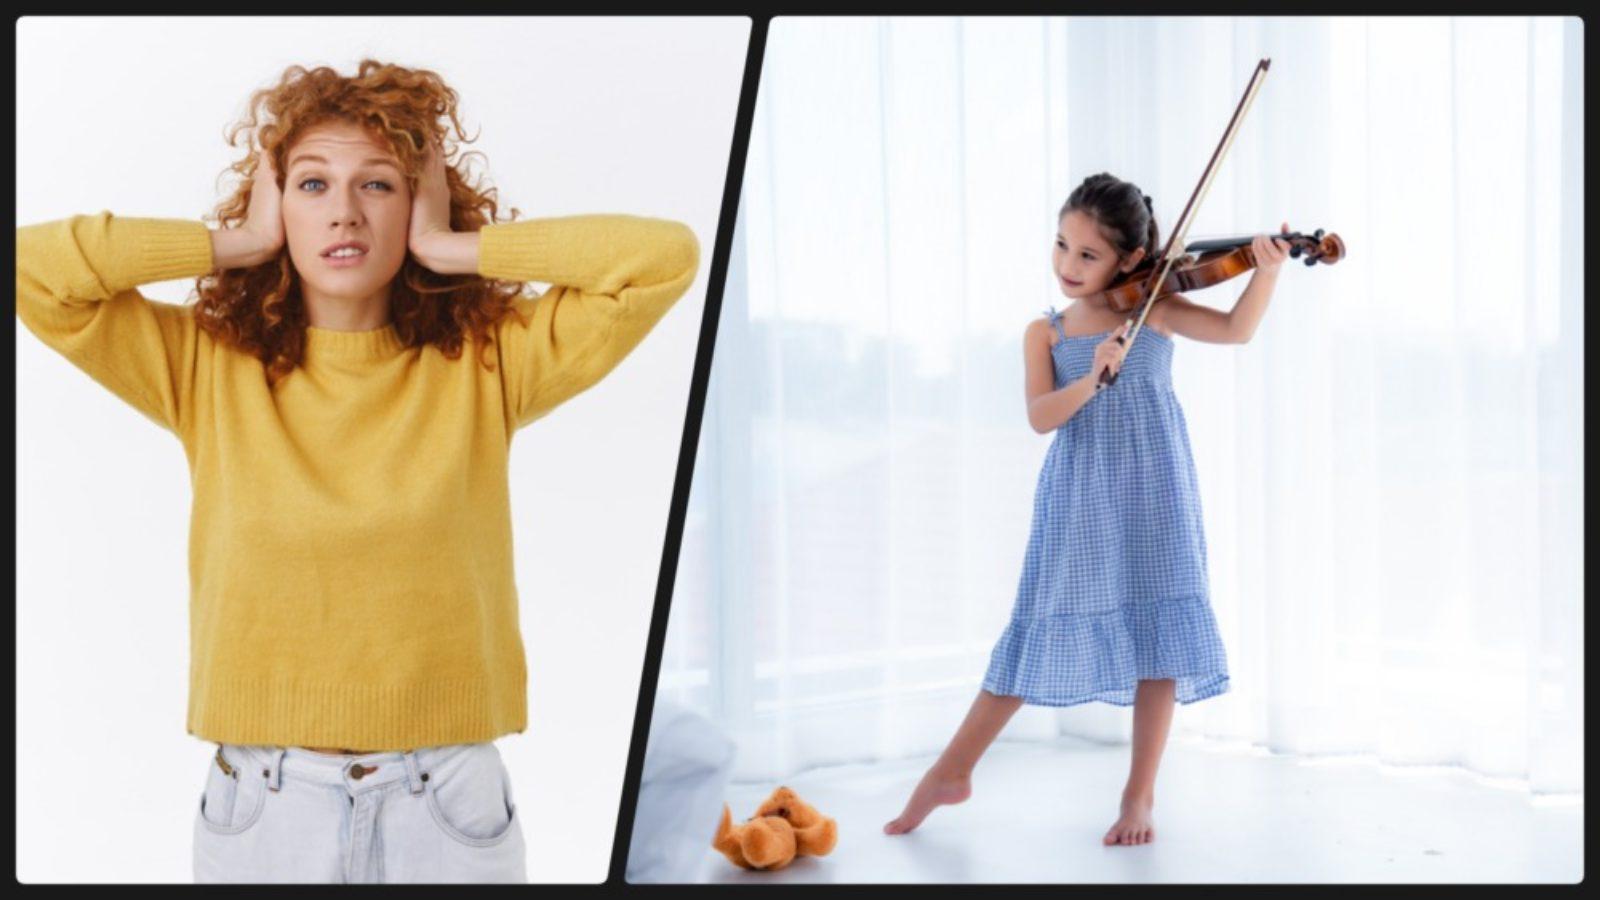 「ヴァイオリンを自宅(アパート・マンション)で弾くとうるさいし迷惑だよね…」という方におすすめ練習場所を紹介するよ